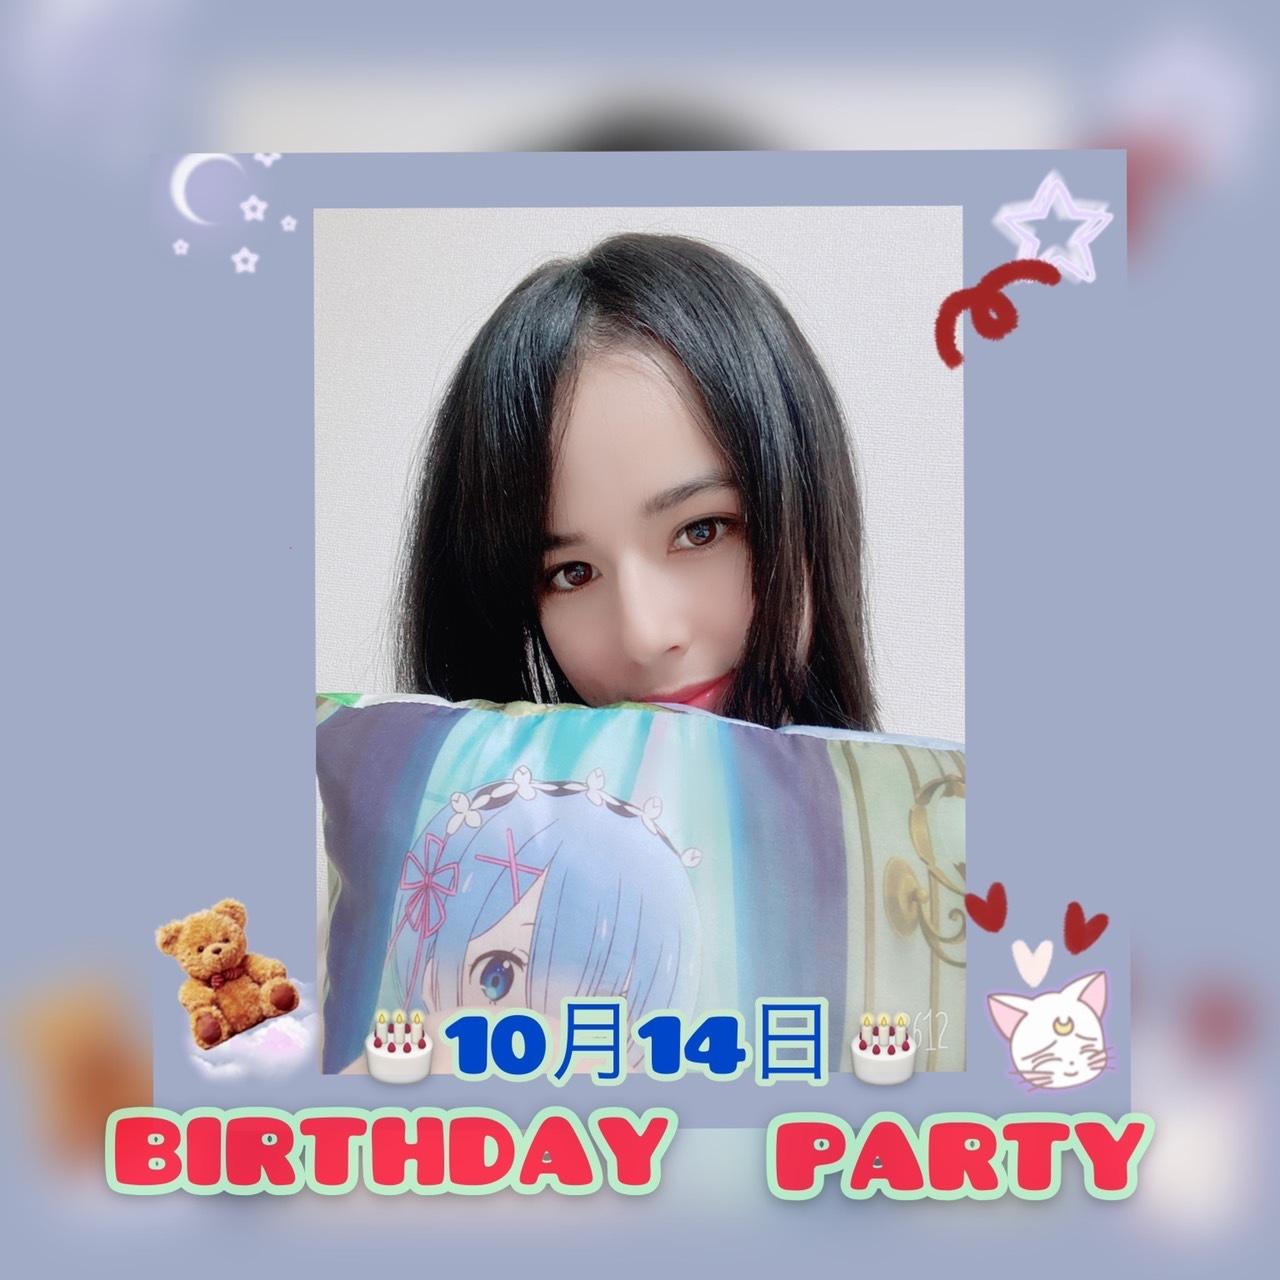 【祝】10/14(水)21時〜蒼(あお)さん生誕祭!1